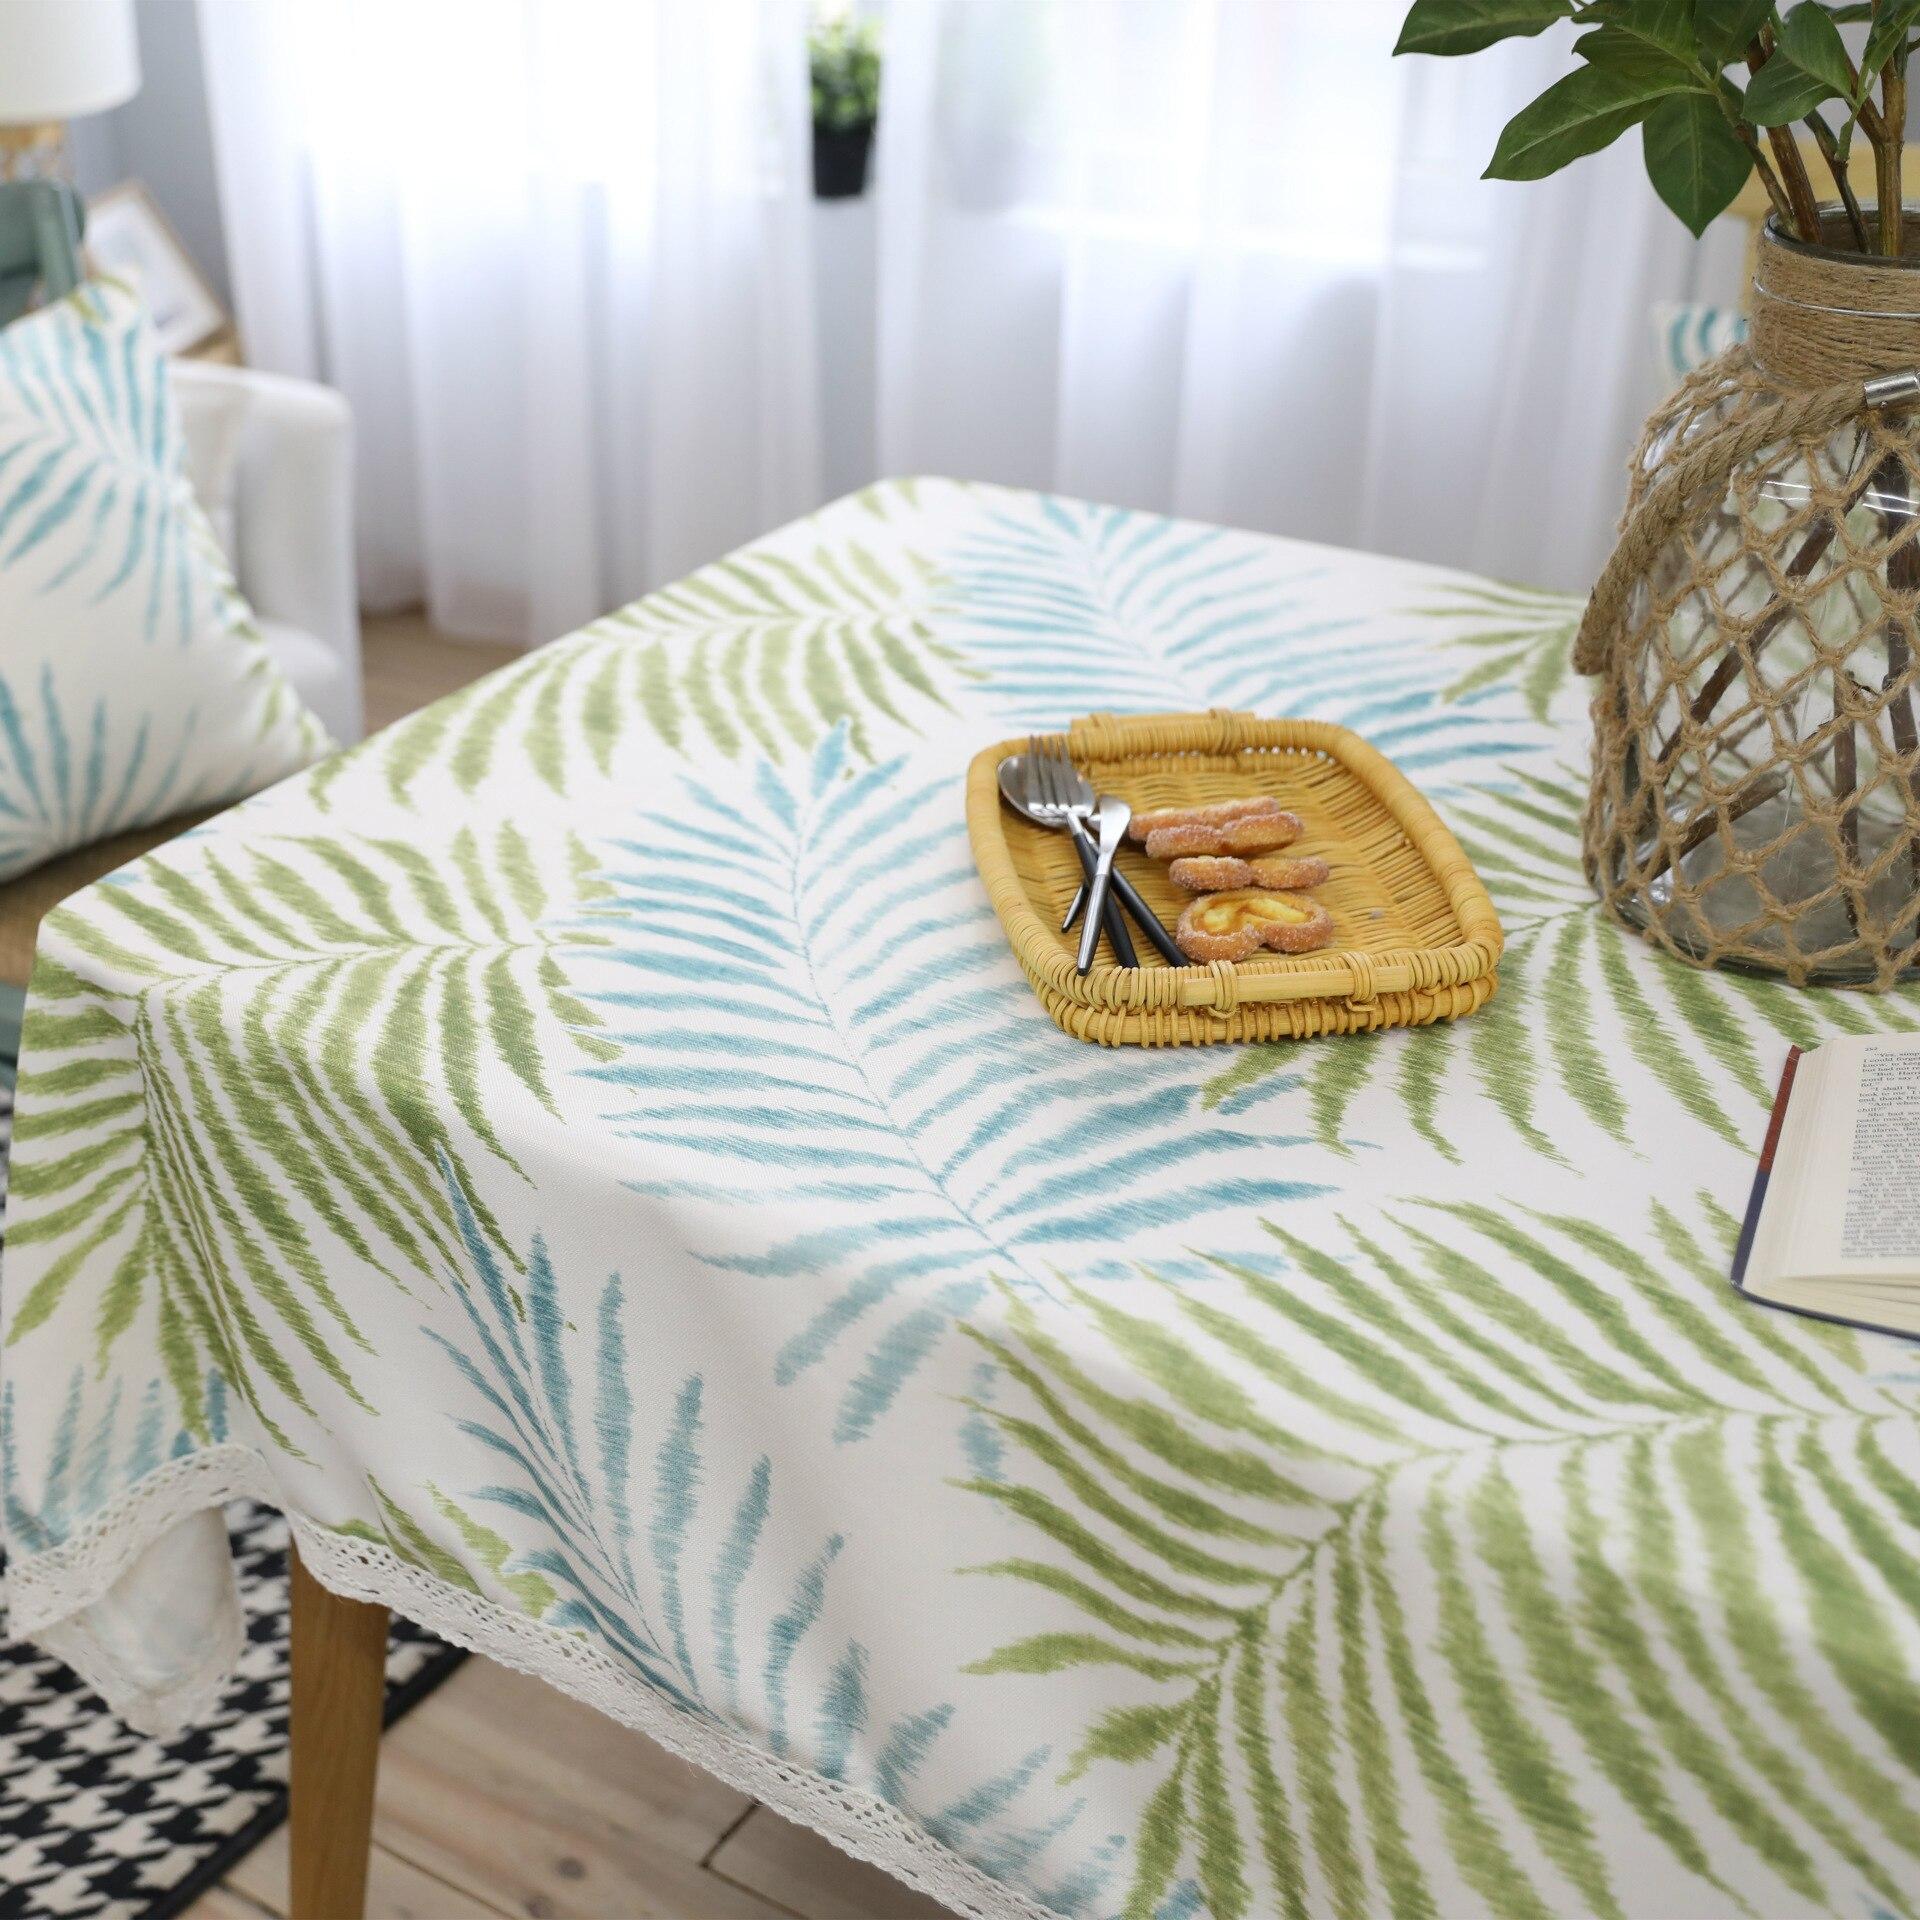 Американский кантри Стиль свежие зеленые листья печатные скатерть хлопок лен Кофе покрытие стола покровно rectangulaire tafelkleed